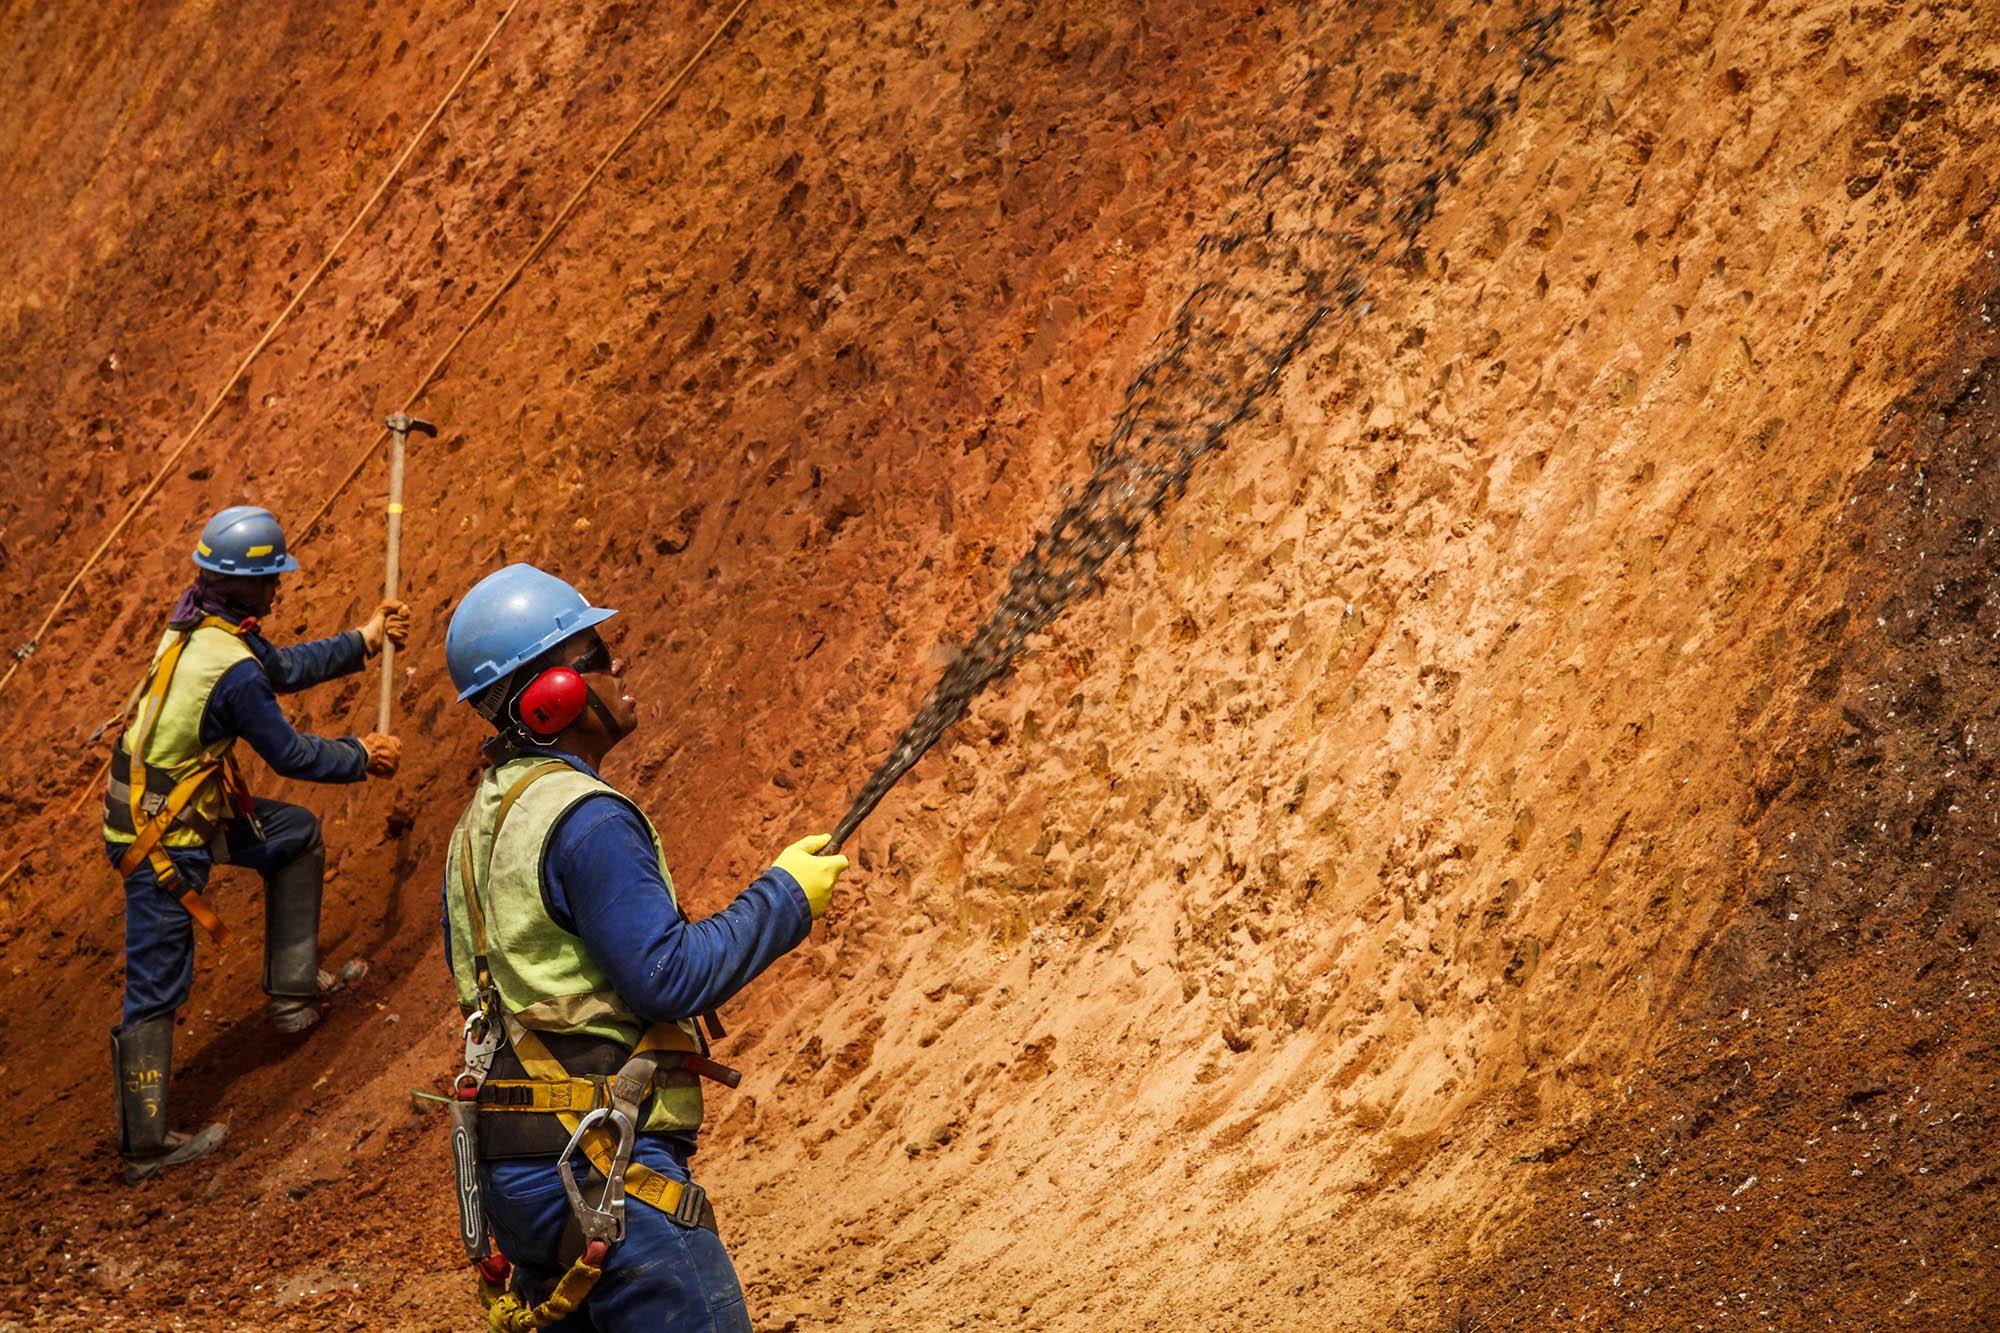 Funcionários da Vale fazem a semeadura com exemplares nativos na beira da rodovia em Canaã dos Carajás, no Pará (Foto: Paulo Moreira/MMAS/ Agência Vale/2013)